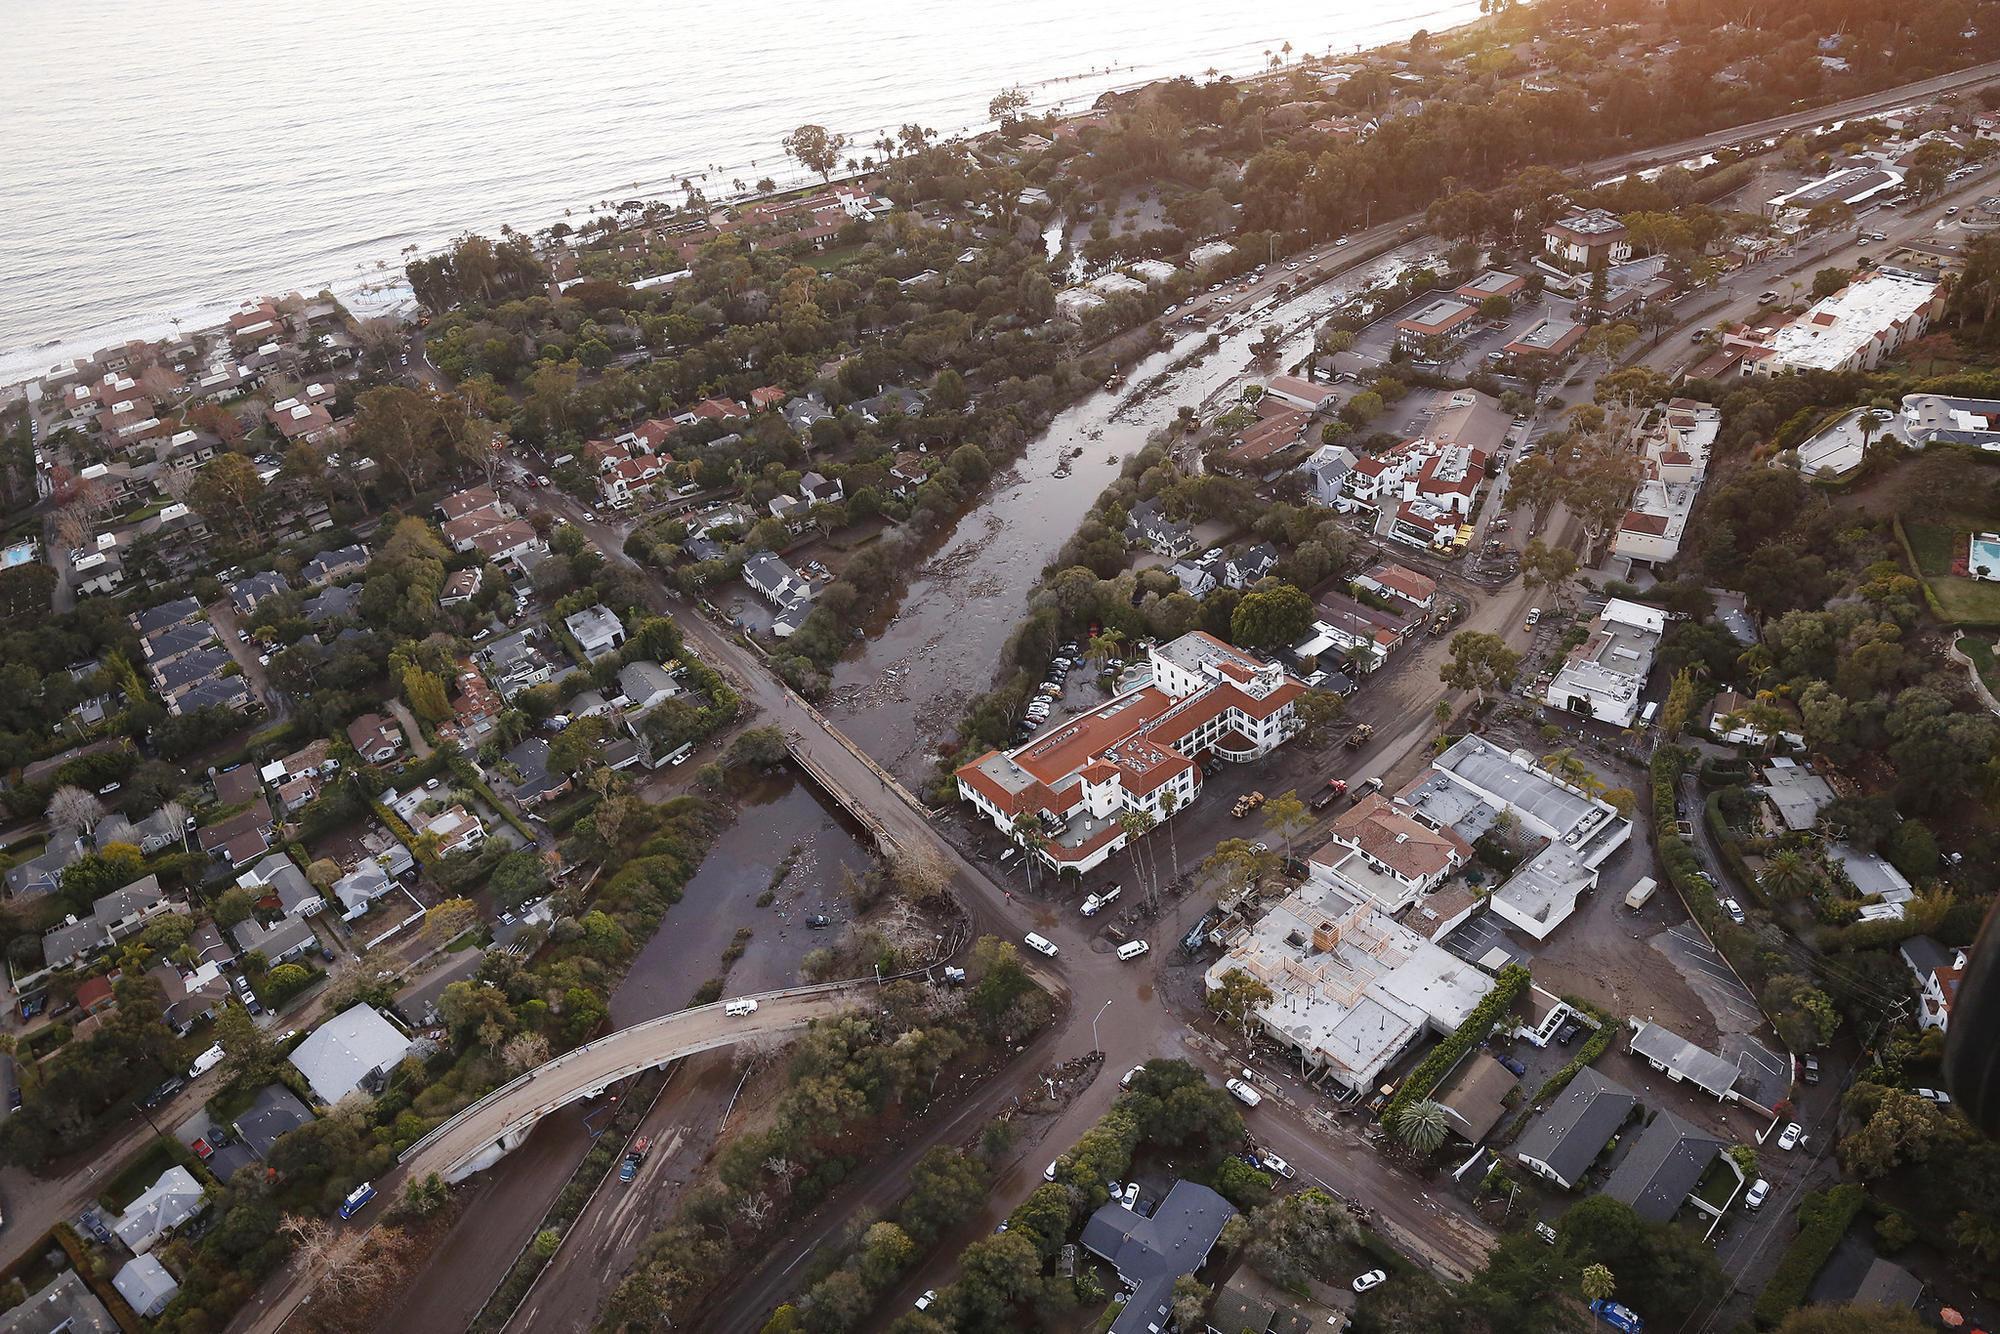 montecito aerial view.jpg